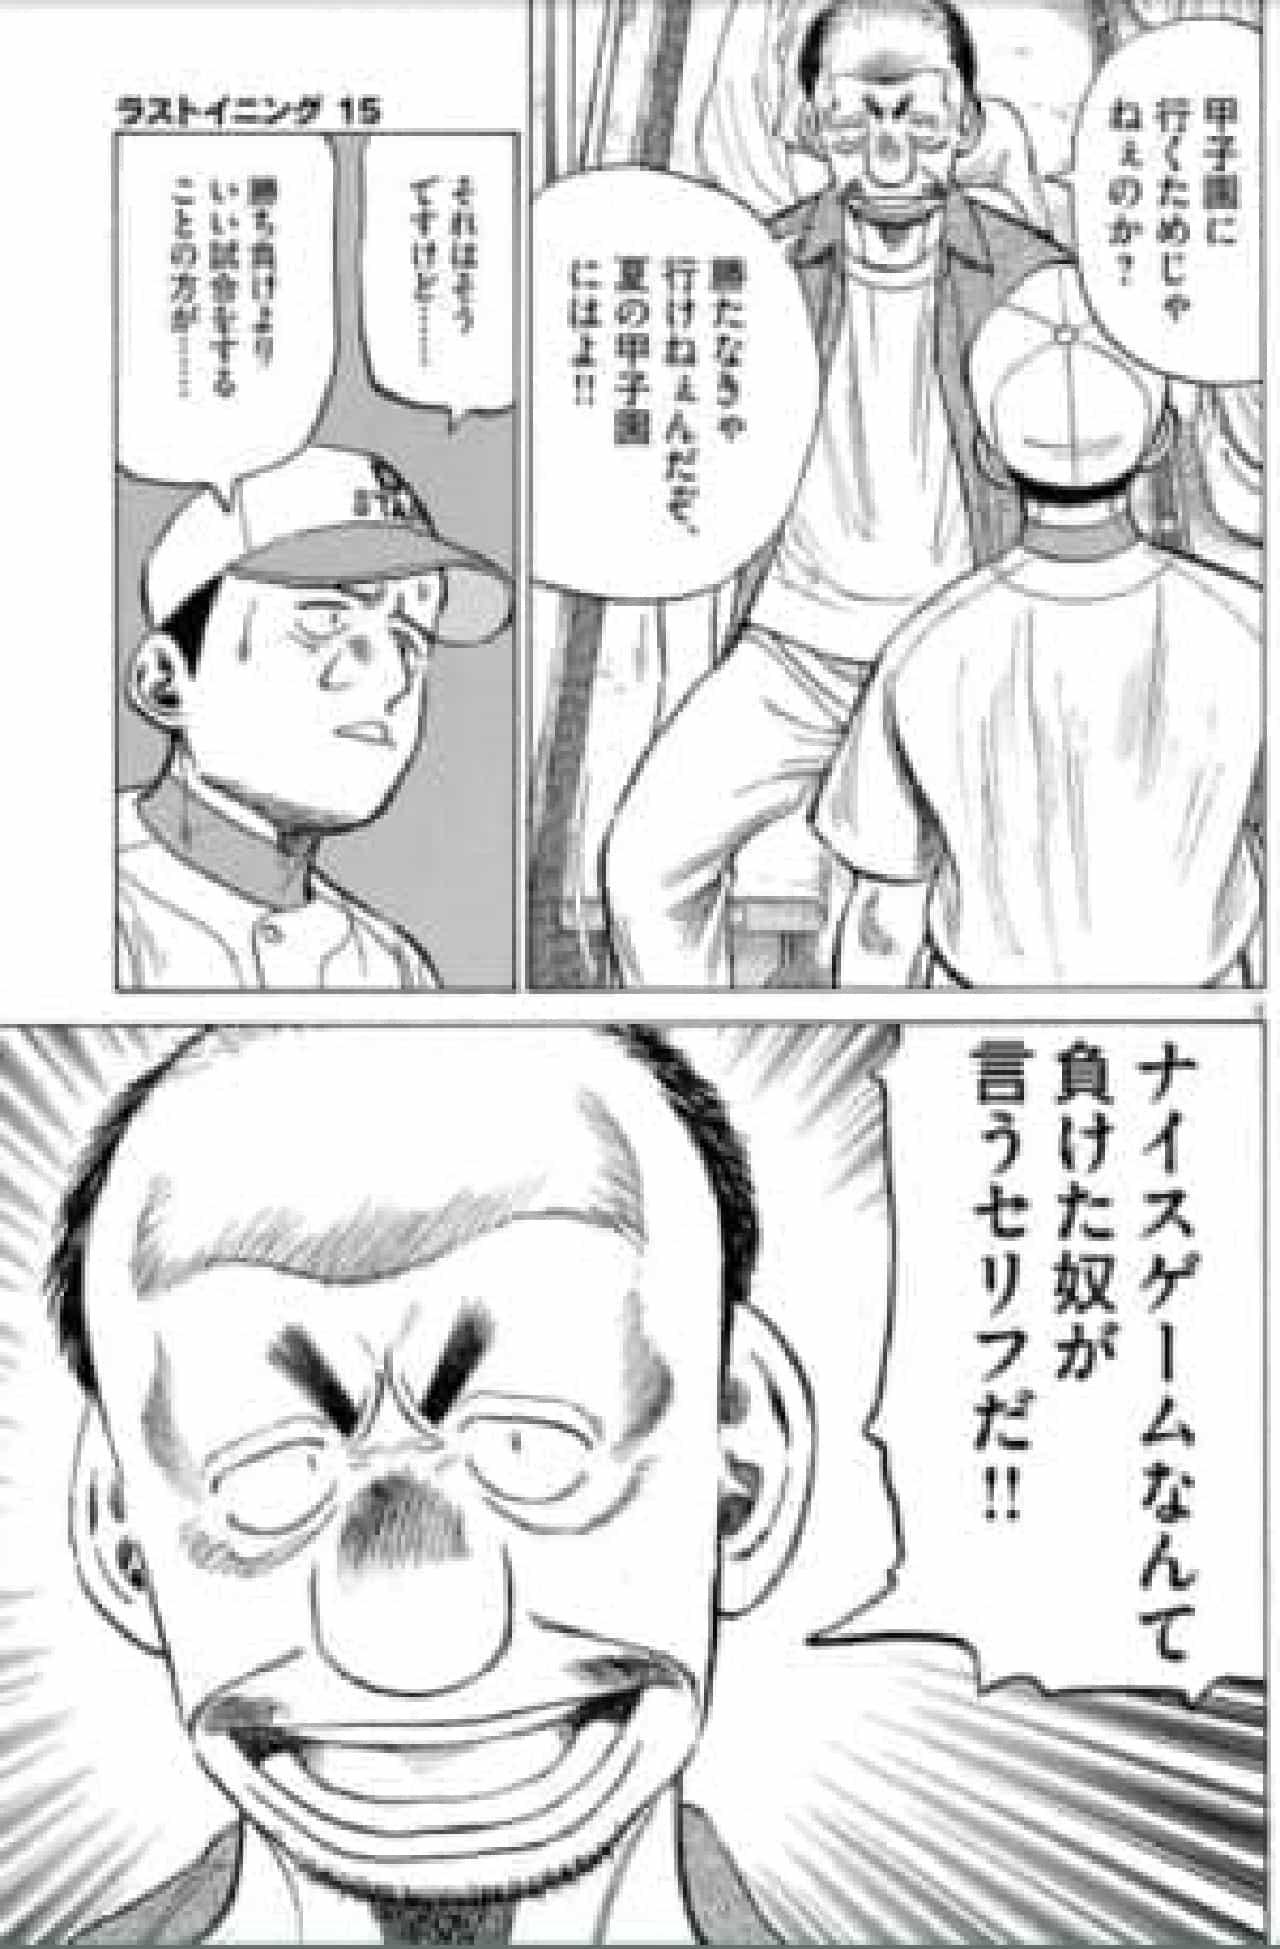 負けたら何にもならないんだ!  (C)中原裕・神尾龍/小学館